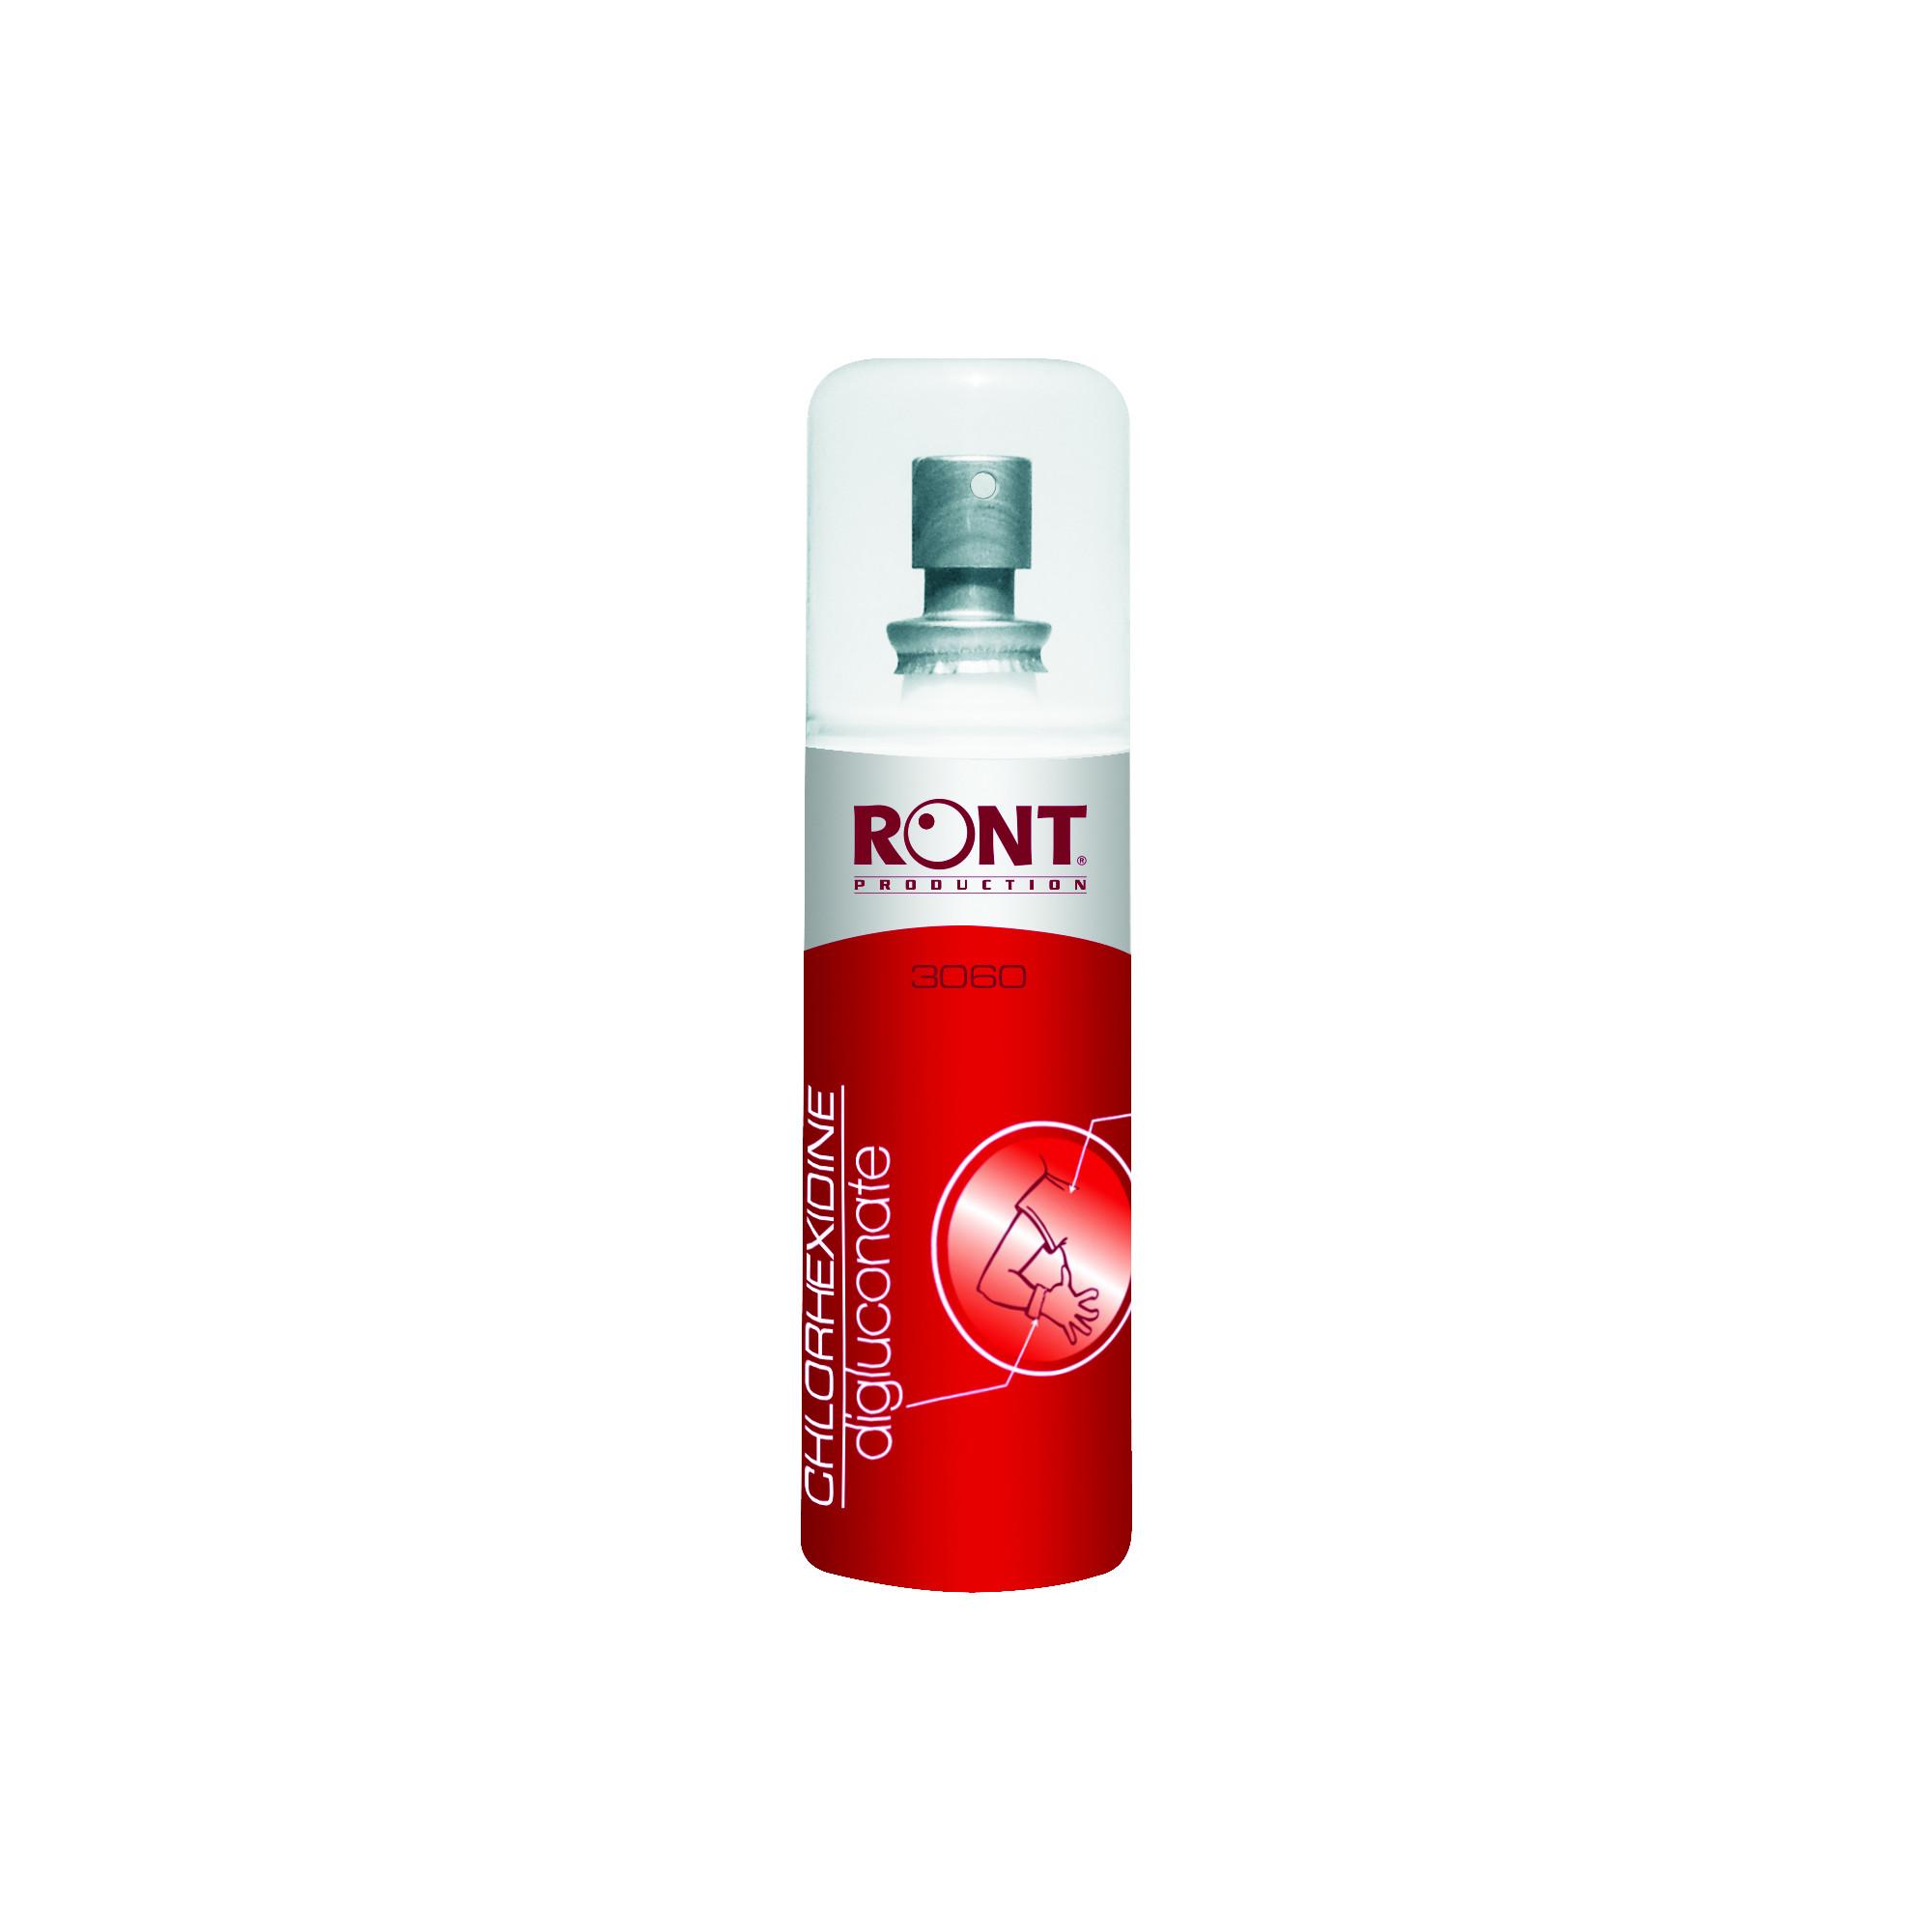 Chlorhexidine - 100 ml - Ront